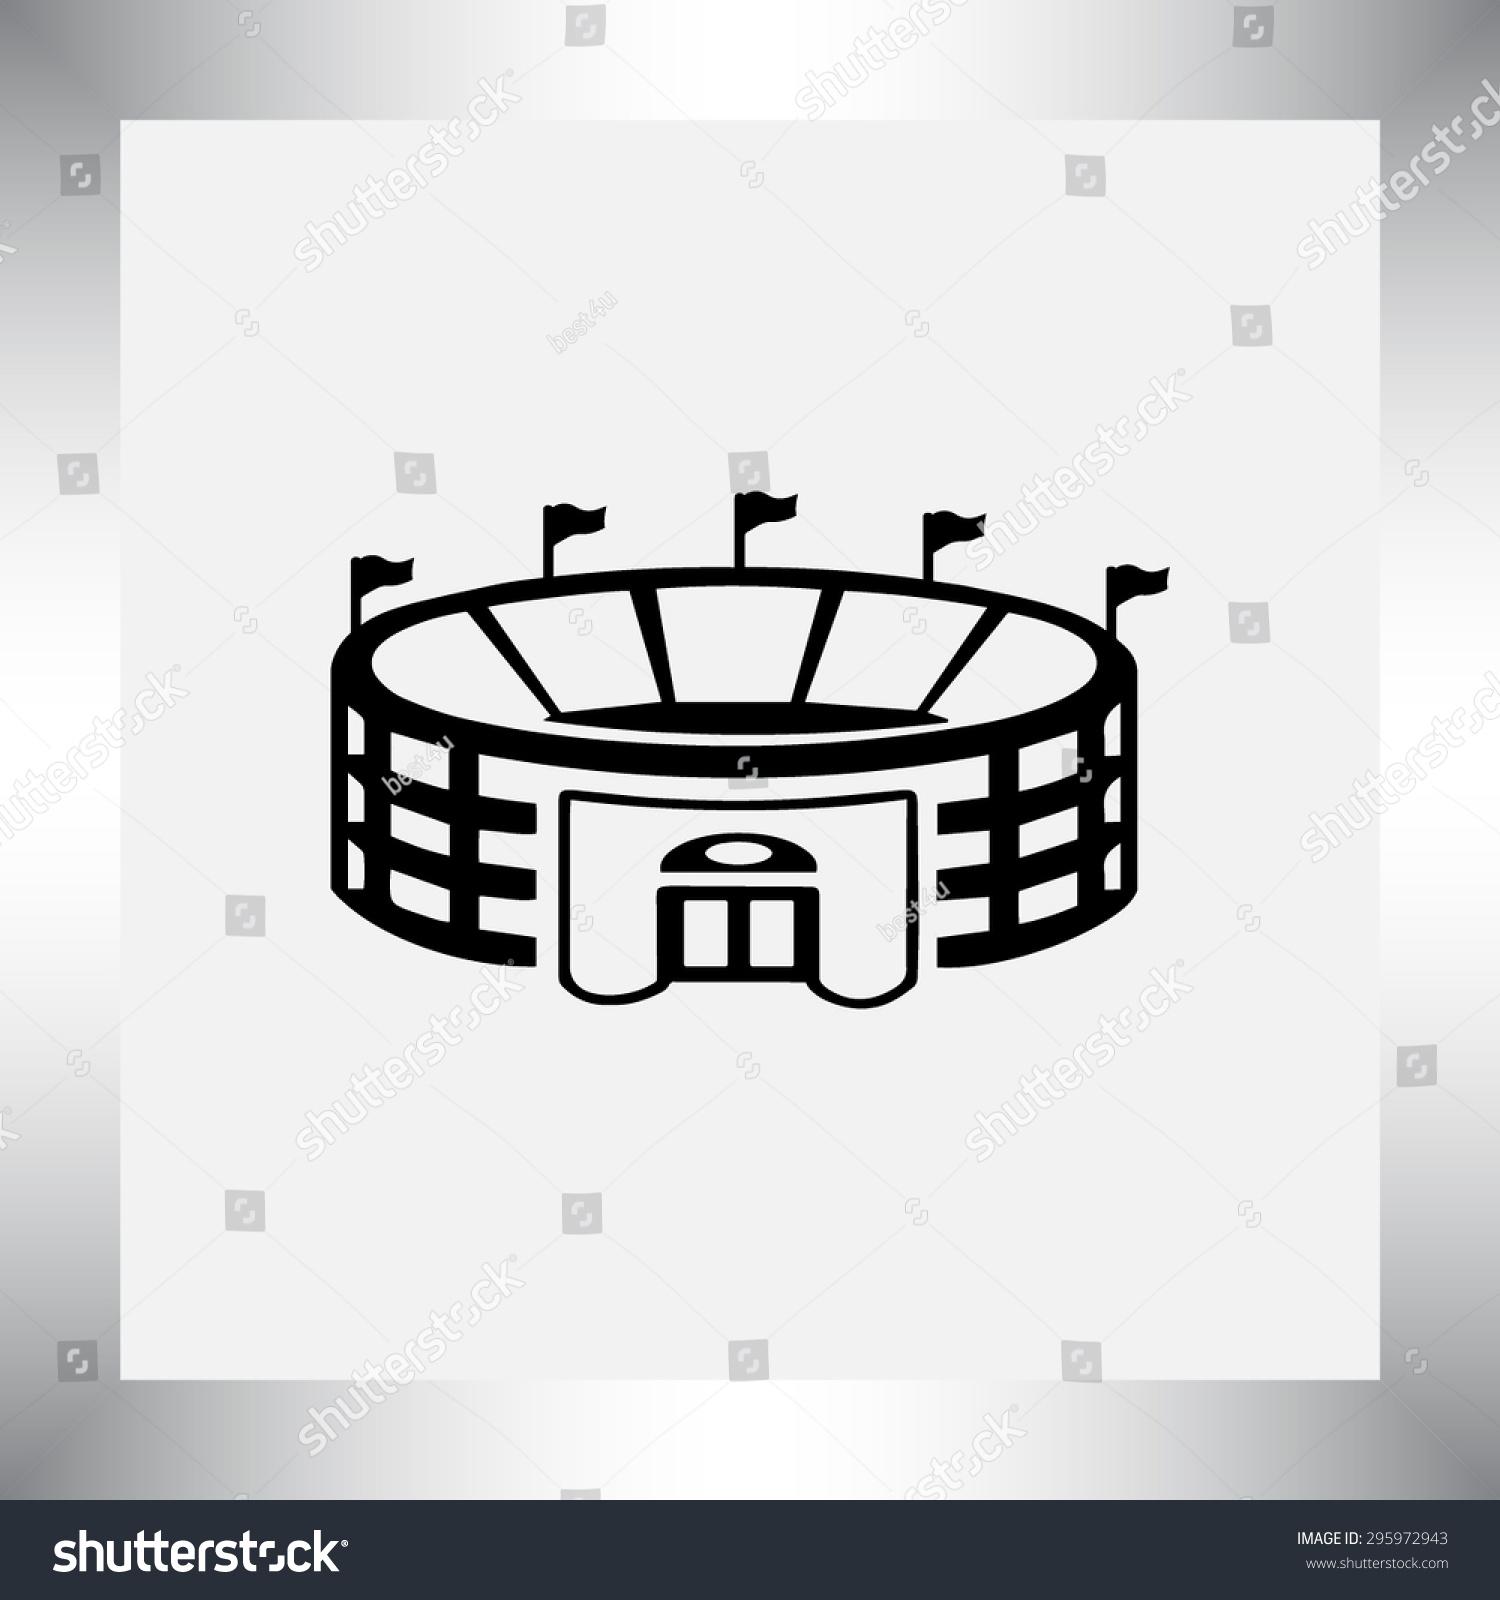 体育场标志图标,矢量图.平面设计风格-科技,符号/标志